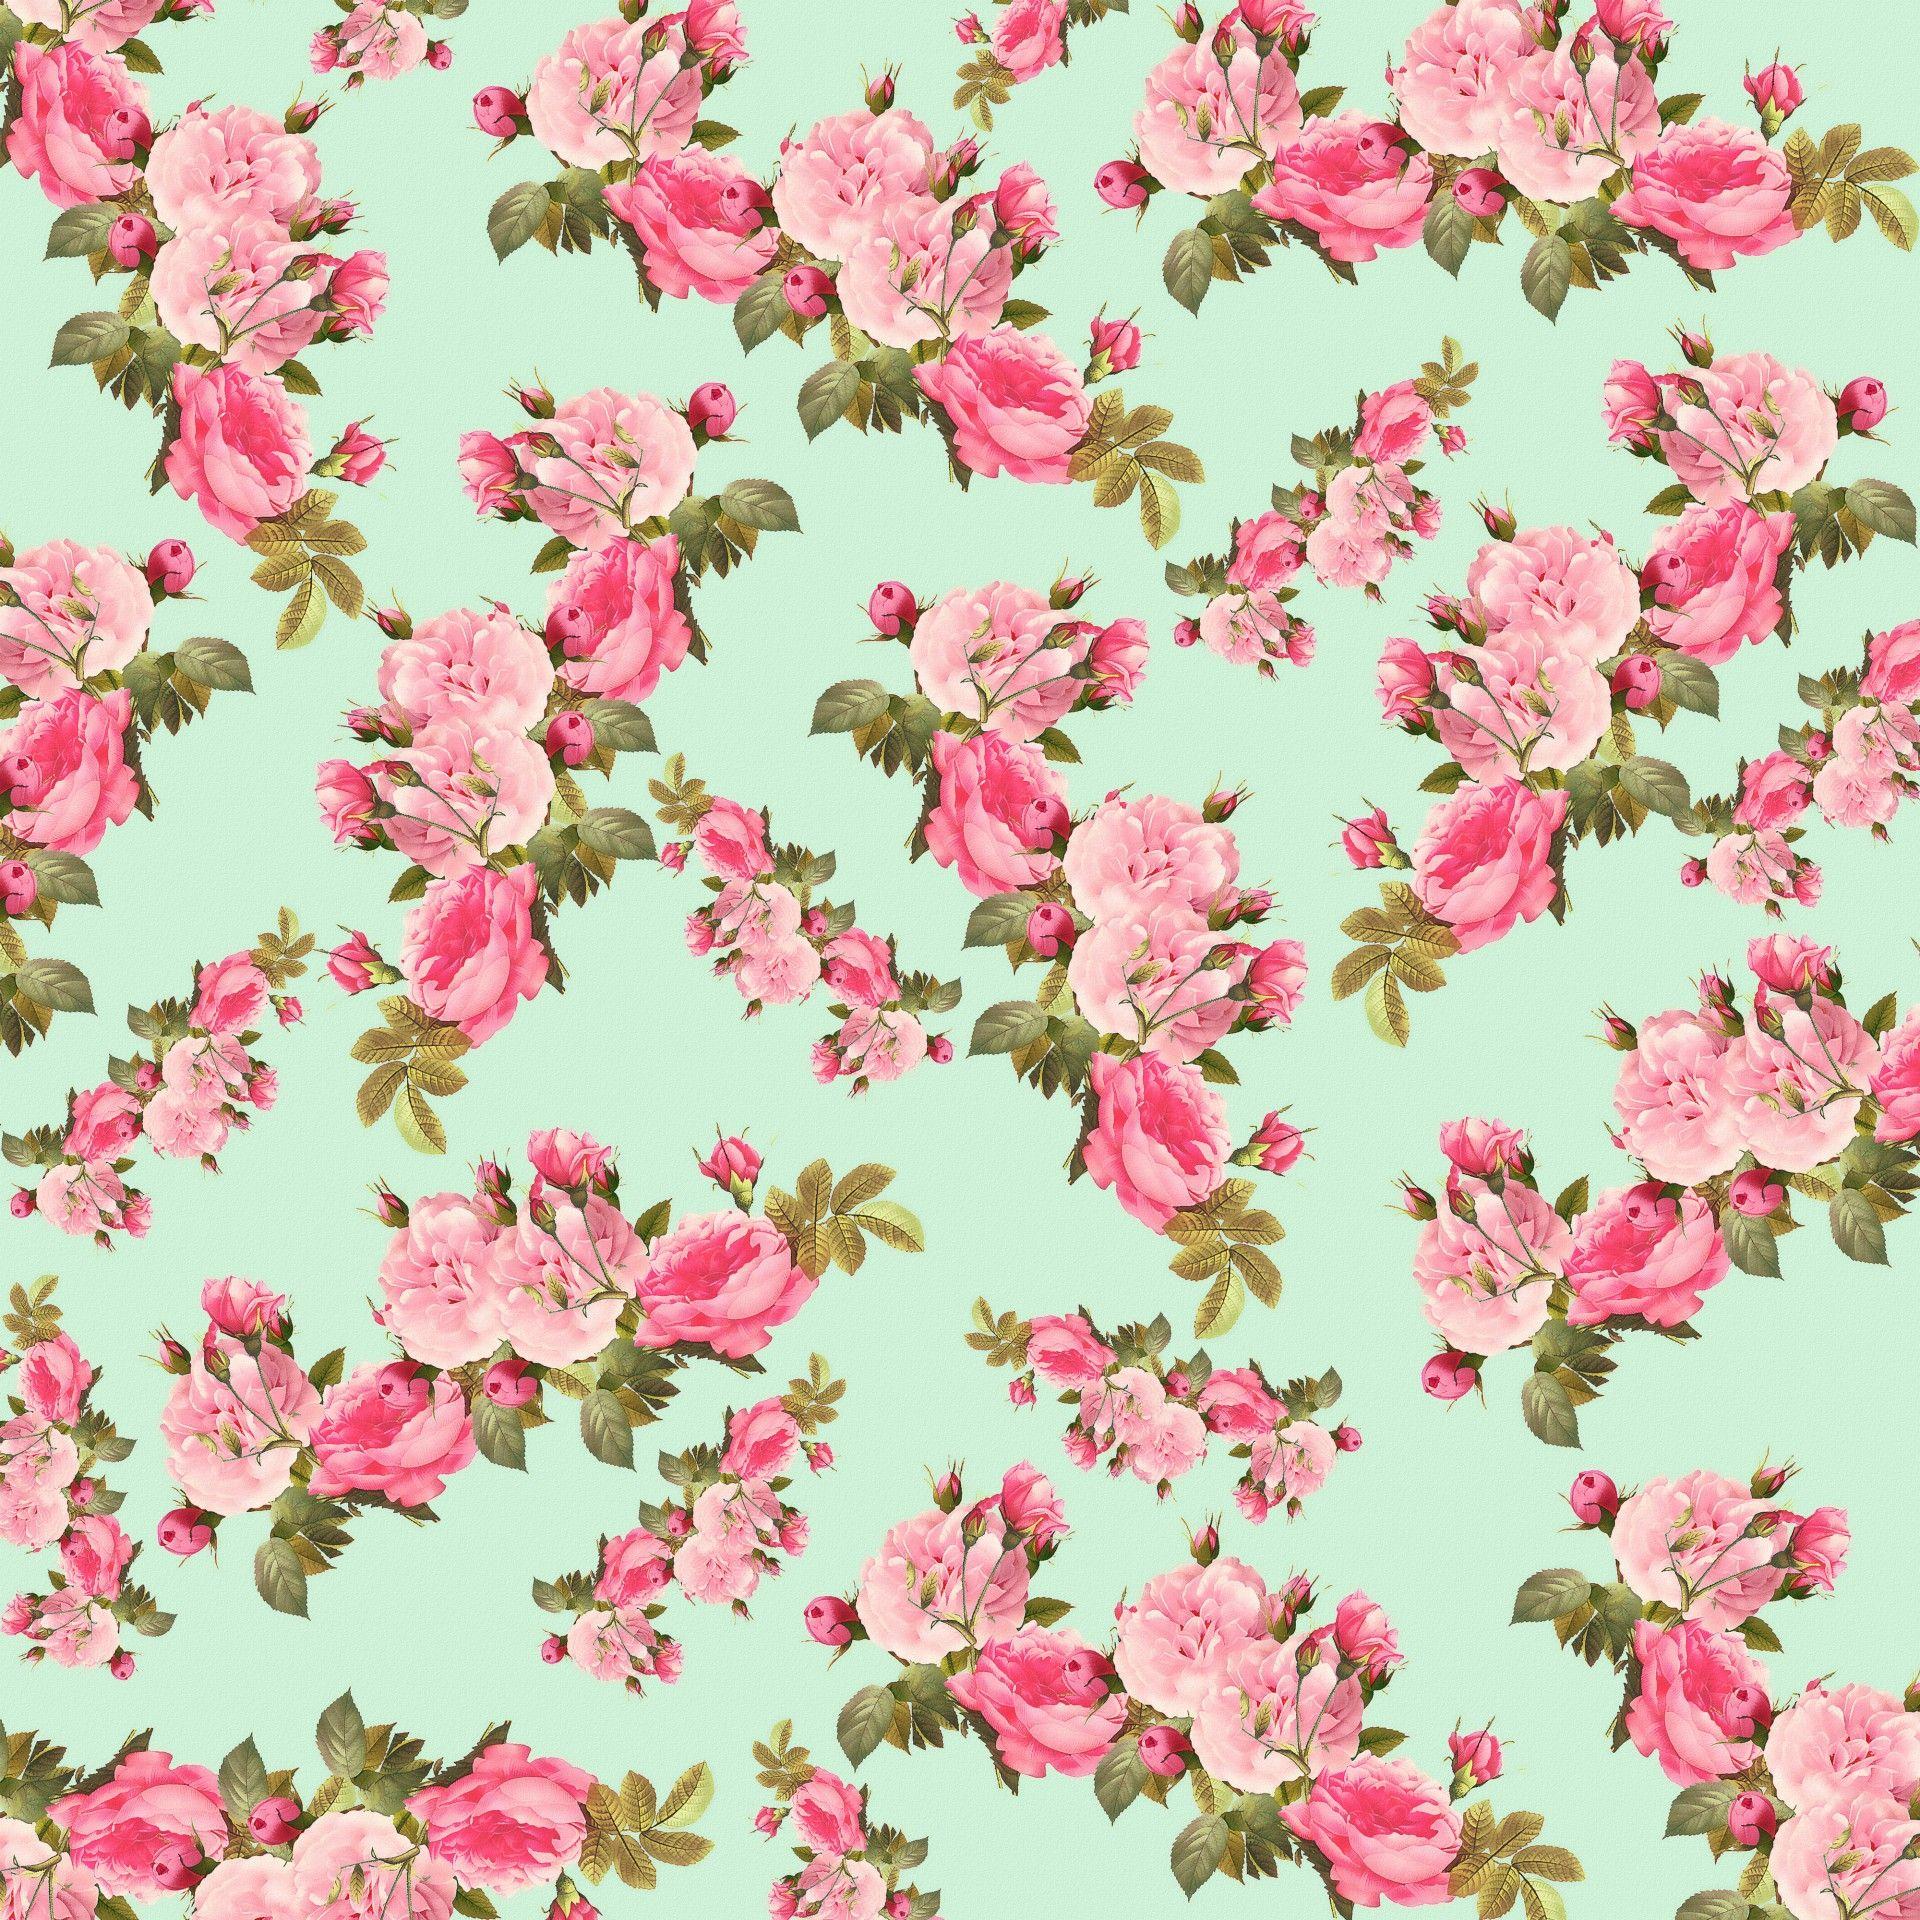 Floral vintage background - Teal With Pink Flowers Floral Backgrounds Vintage